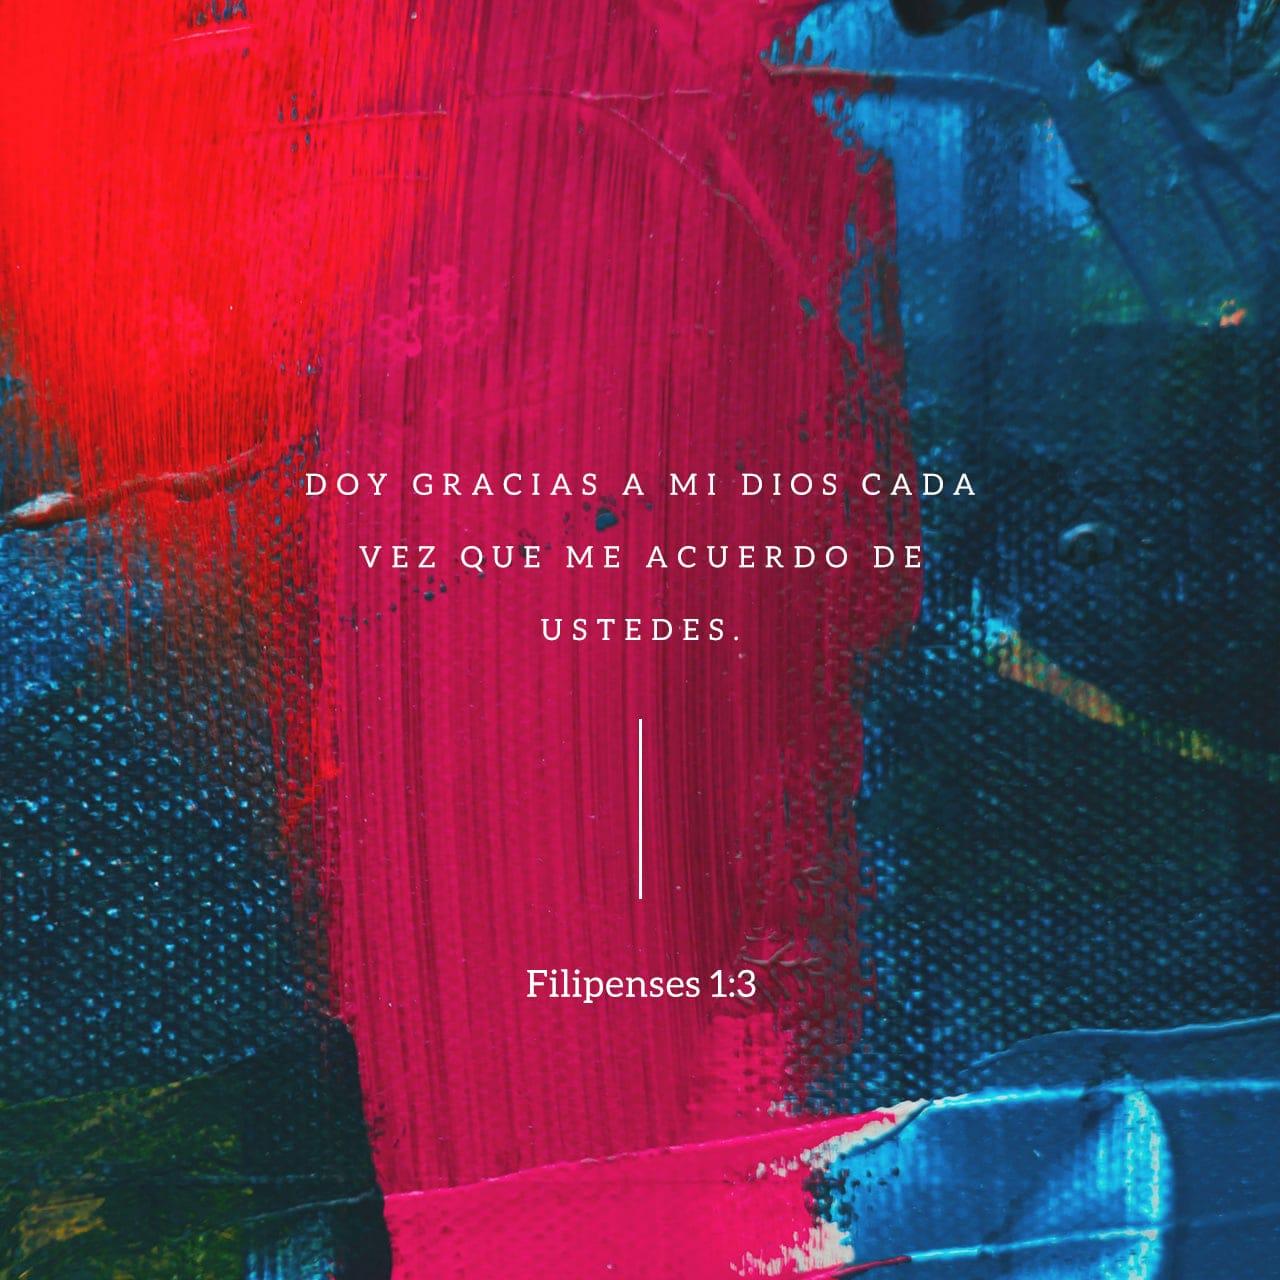 Doy gracias a mi Dios cada vez que me acuerdo de ustedes. Filipenses 1:3 - Imagen de Versículo